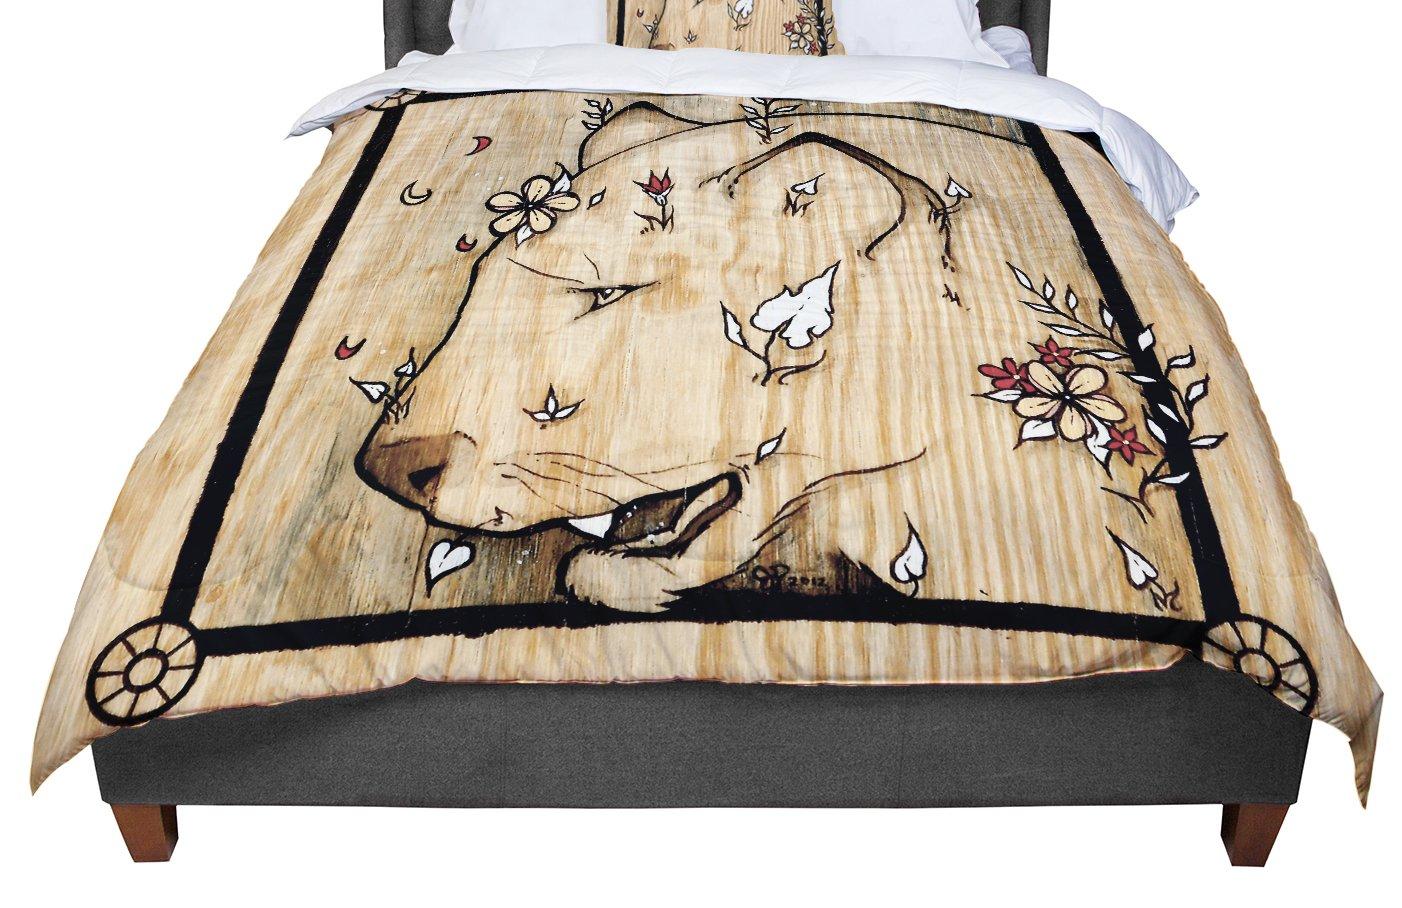 88 X 88 KESS InHouse Nastasia Cook All You Need Is Love Pink Brown Queen Comforter